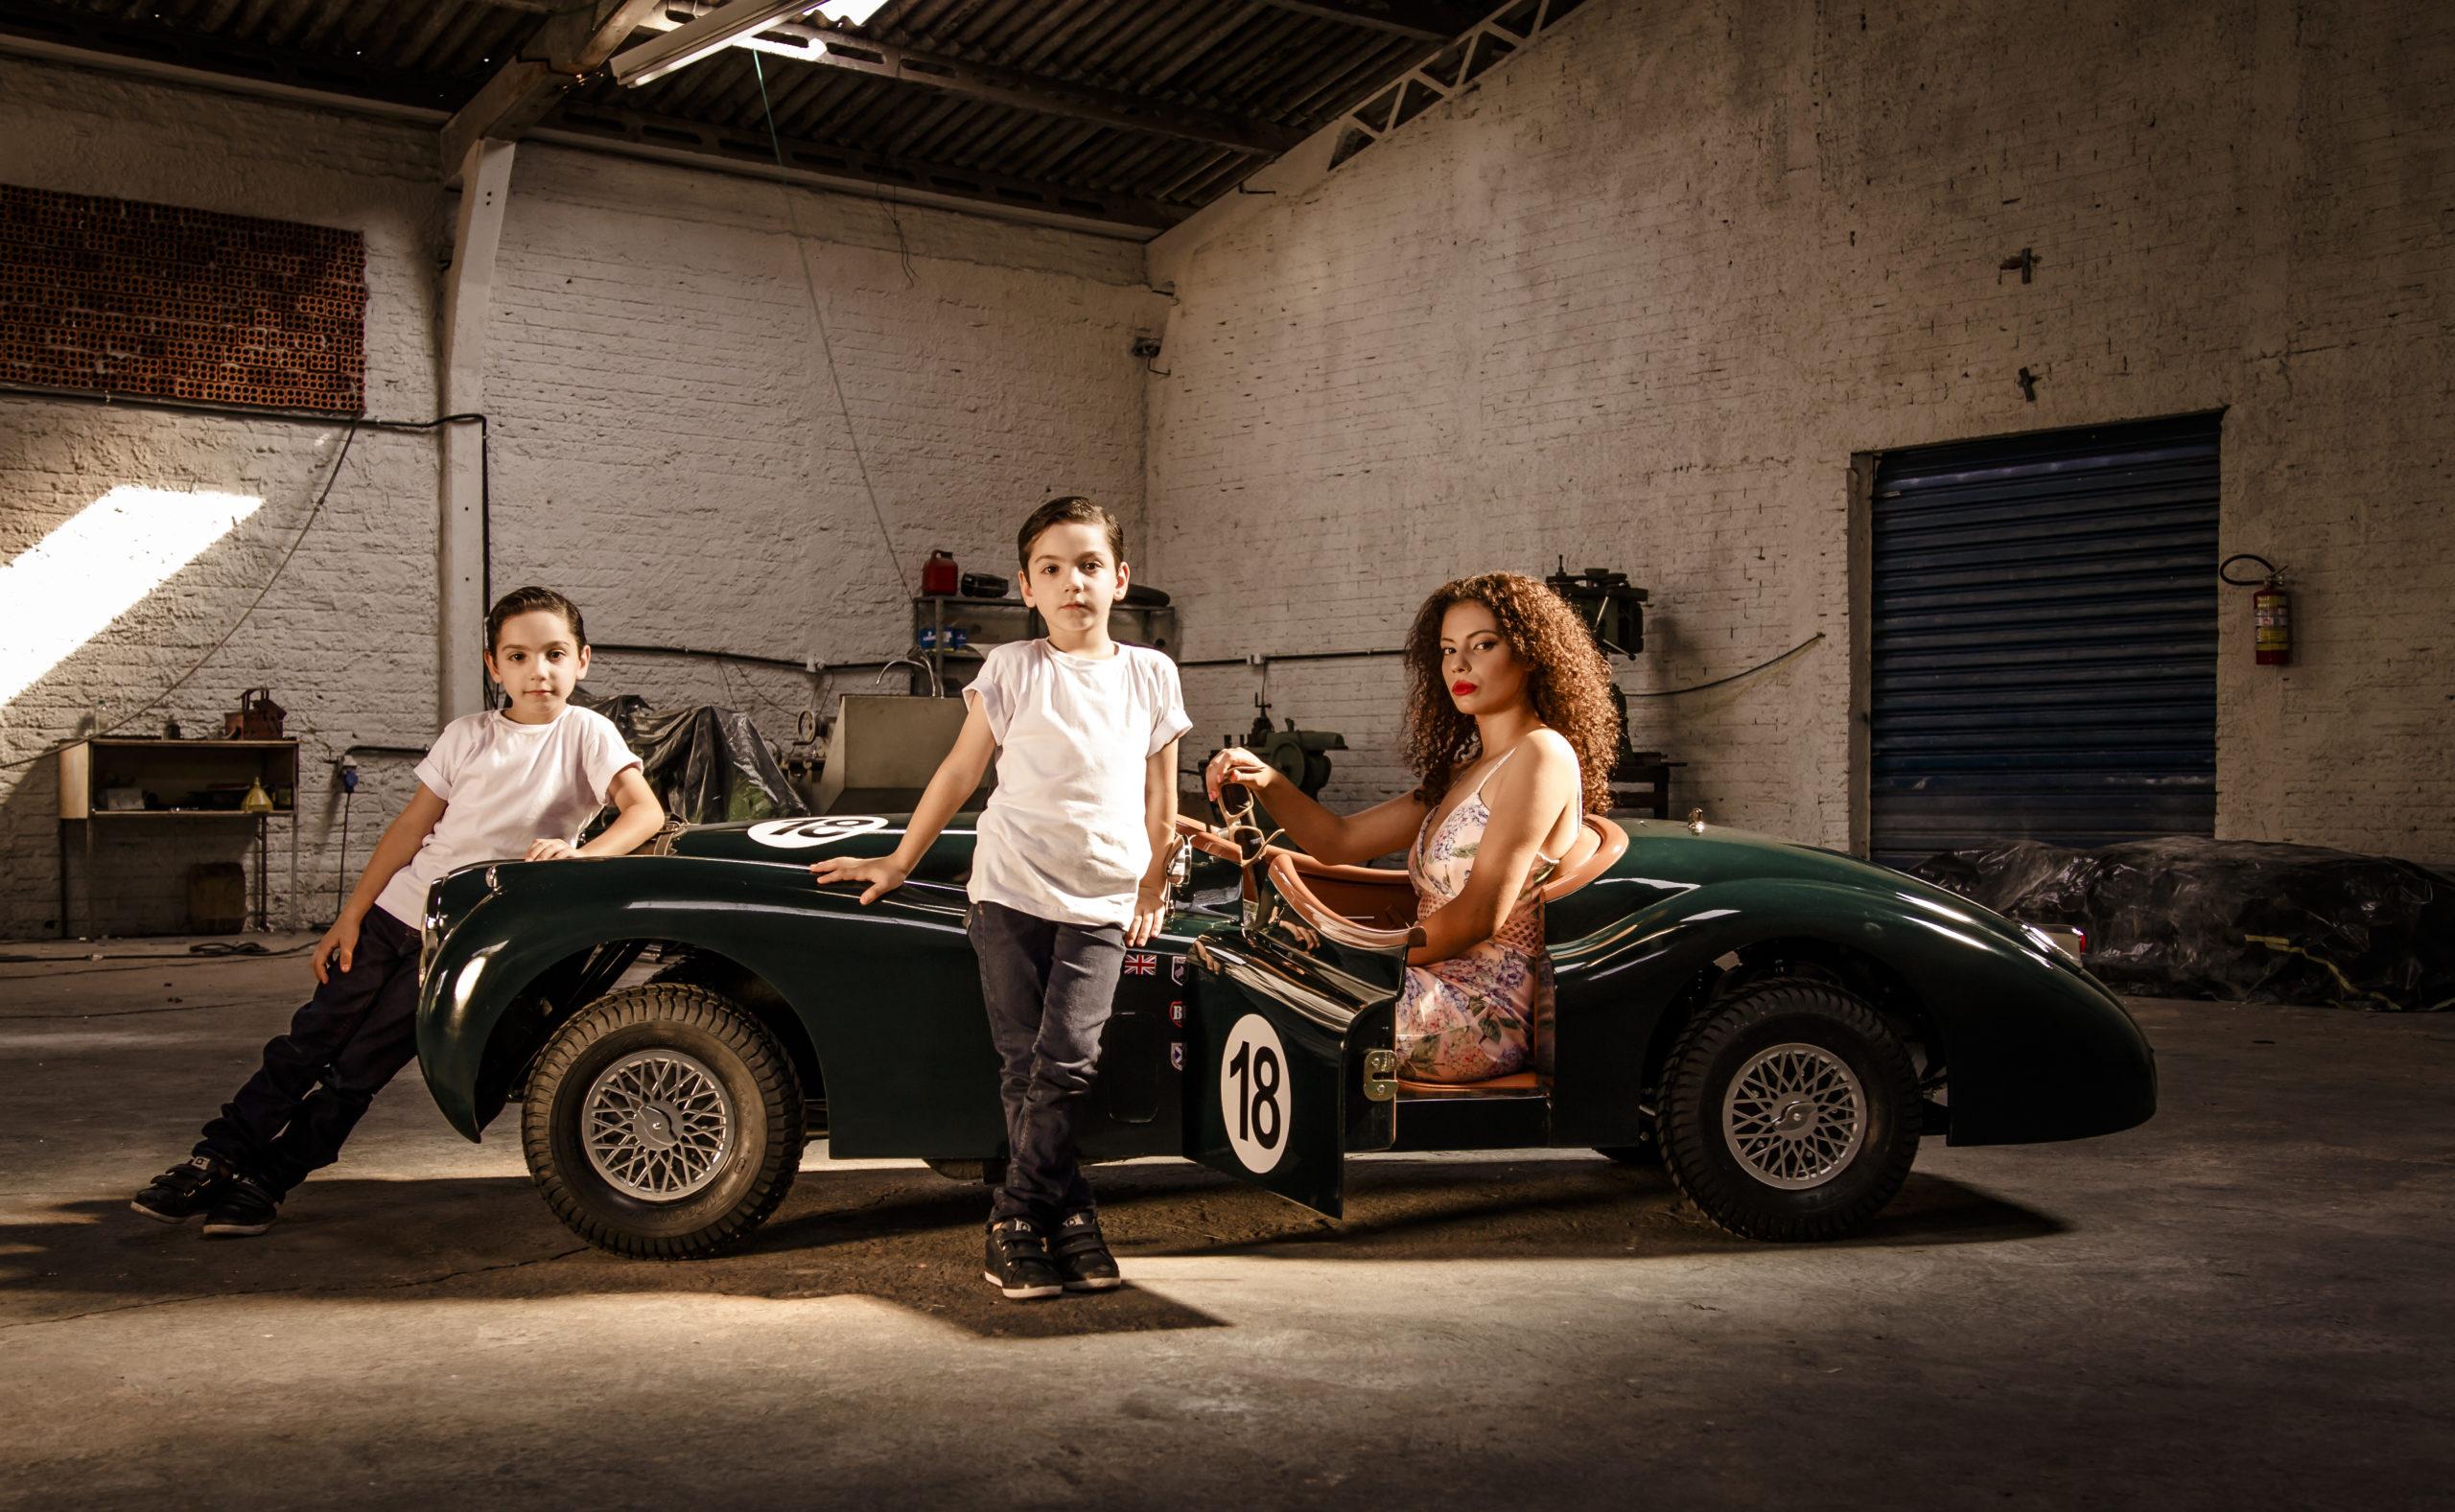 xk racer trio